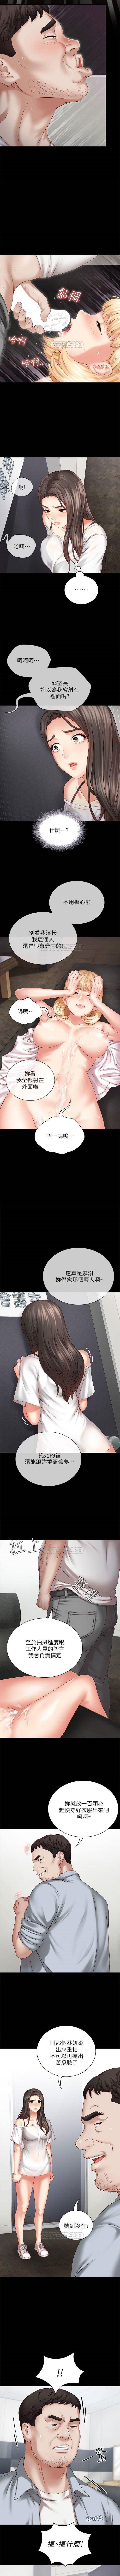 (週6)妹妹的義務 1-19 中文翻譯(更新中) 49